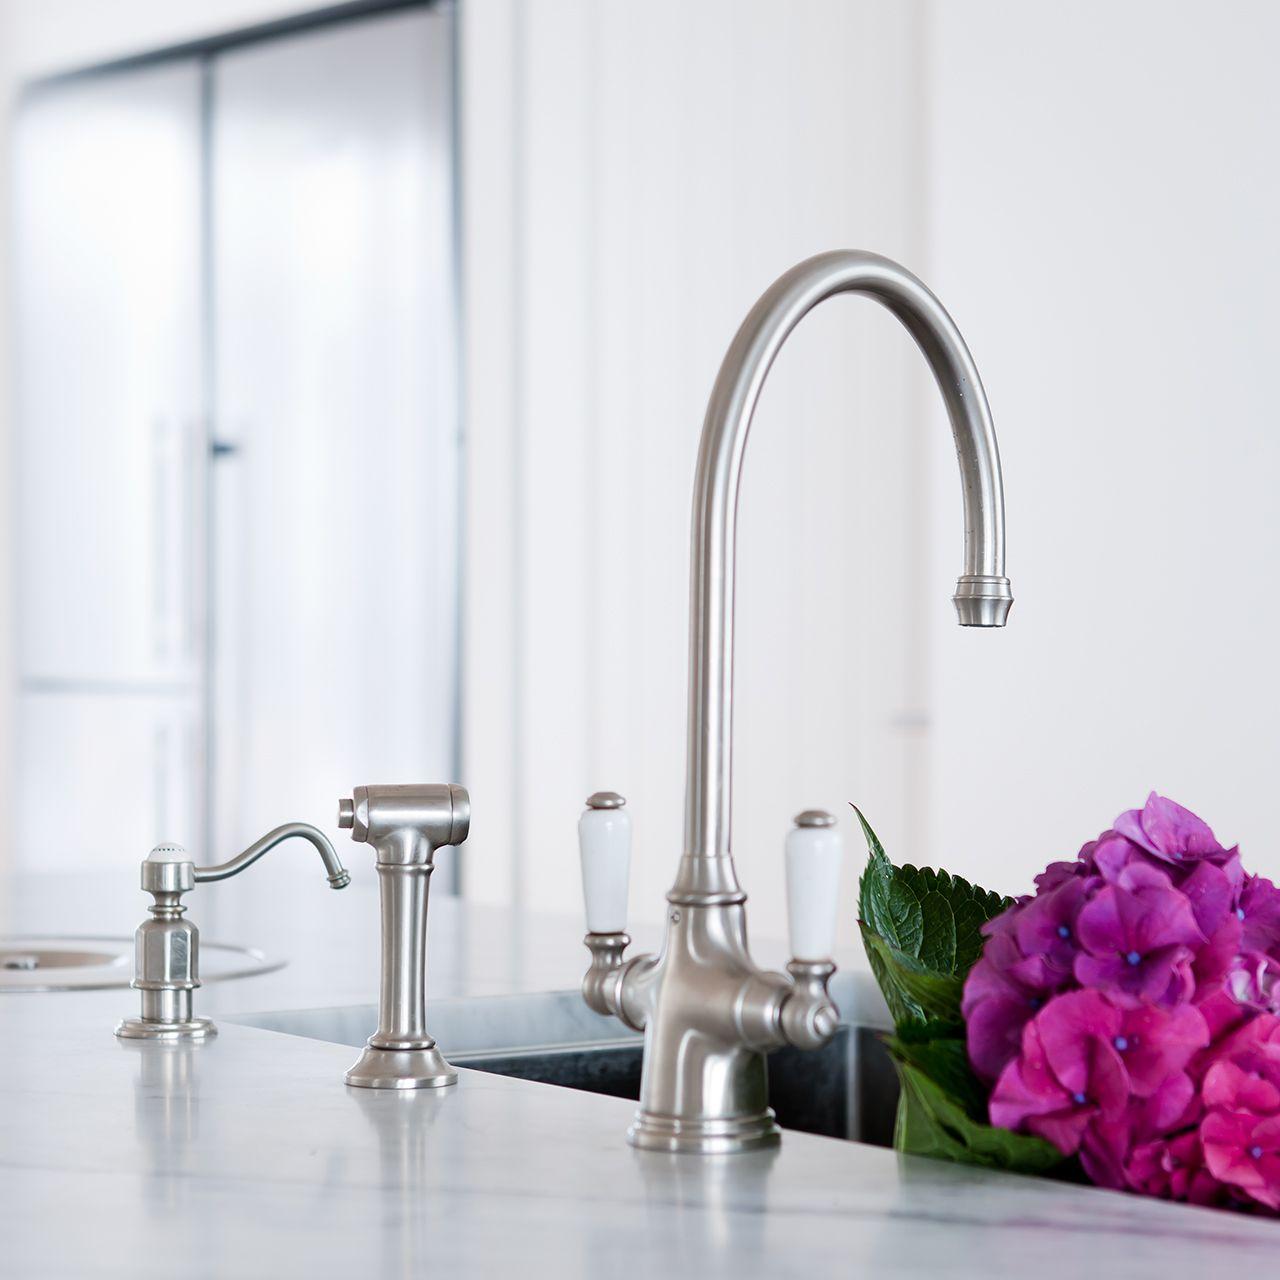 Perrin & Rowe Kitchen Faucet | Zef Jam